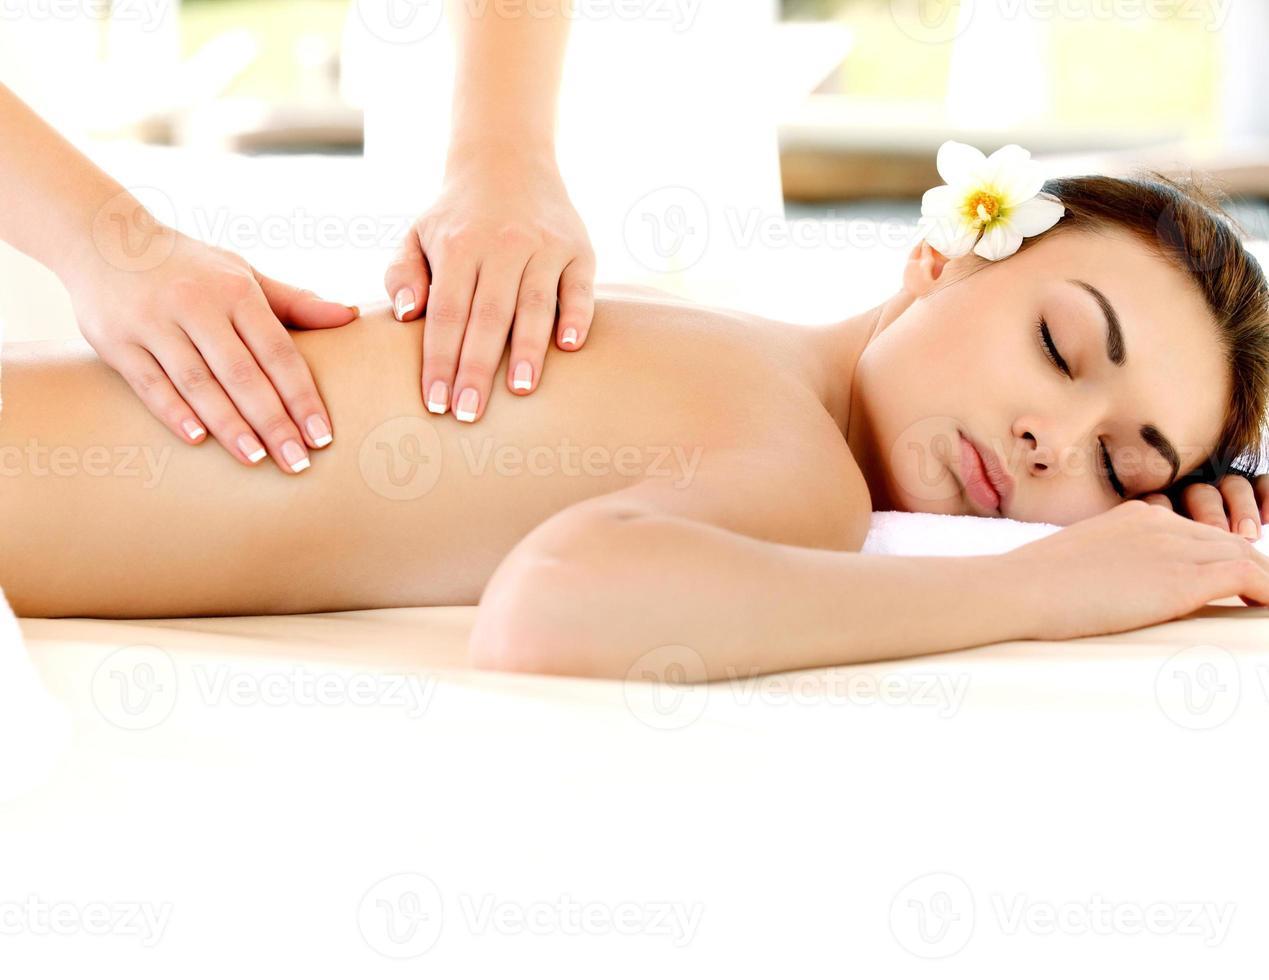 donna spa. primo piano di una bella donna che ottiene il trattamento. foto